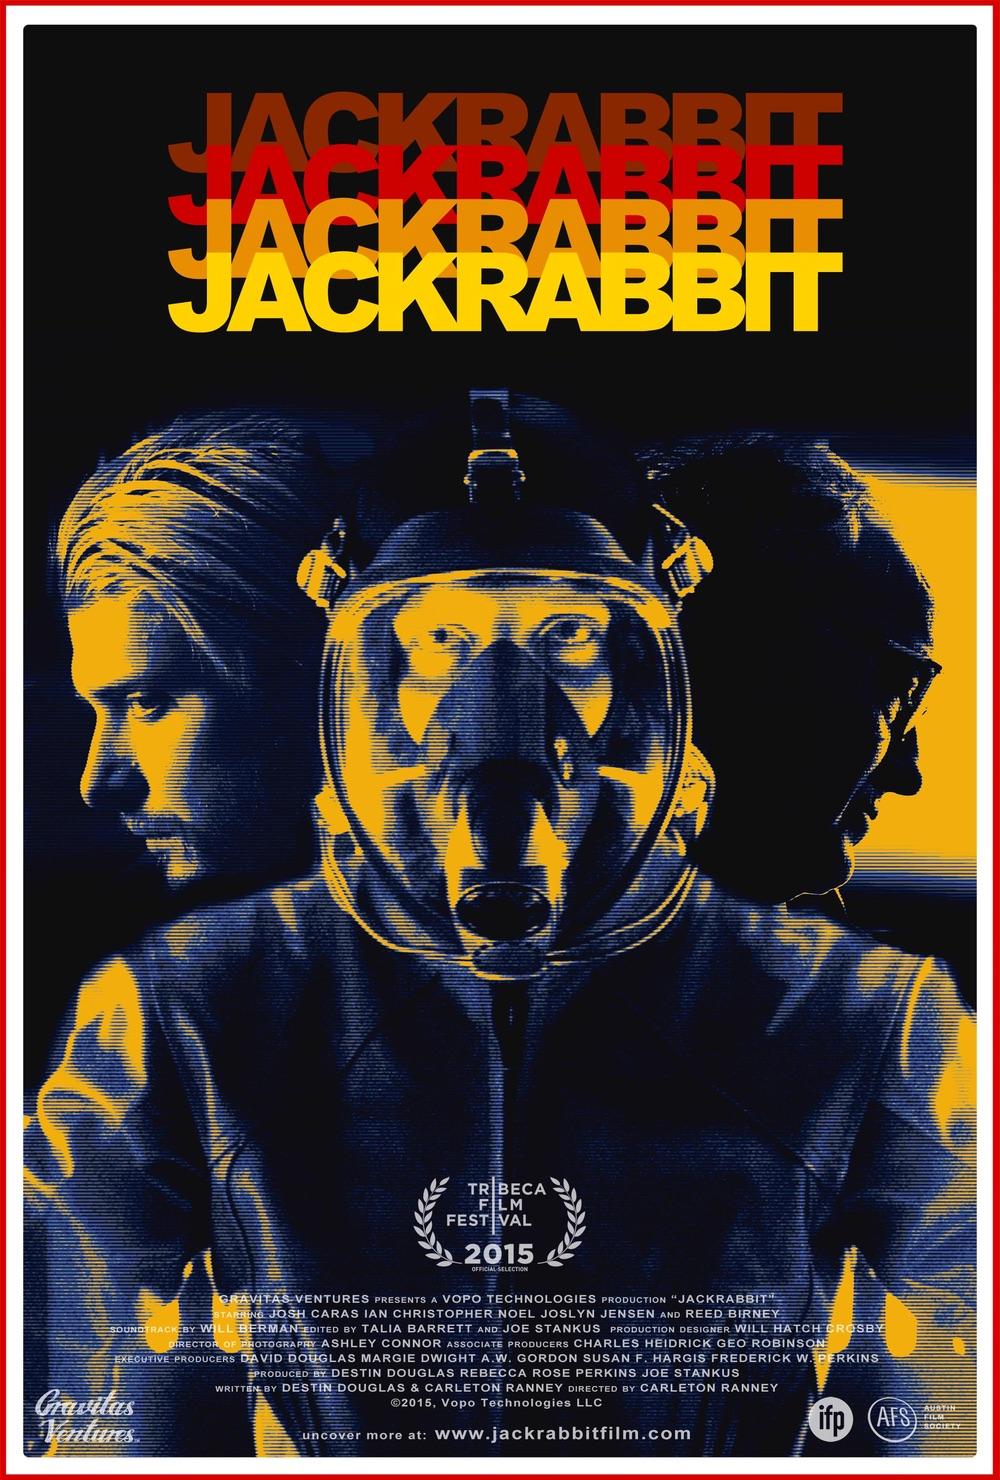 Jackrabbit_Poster_Final_small.jpg